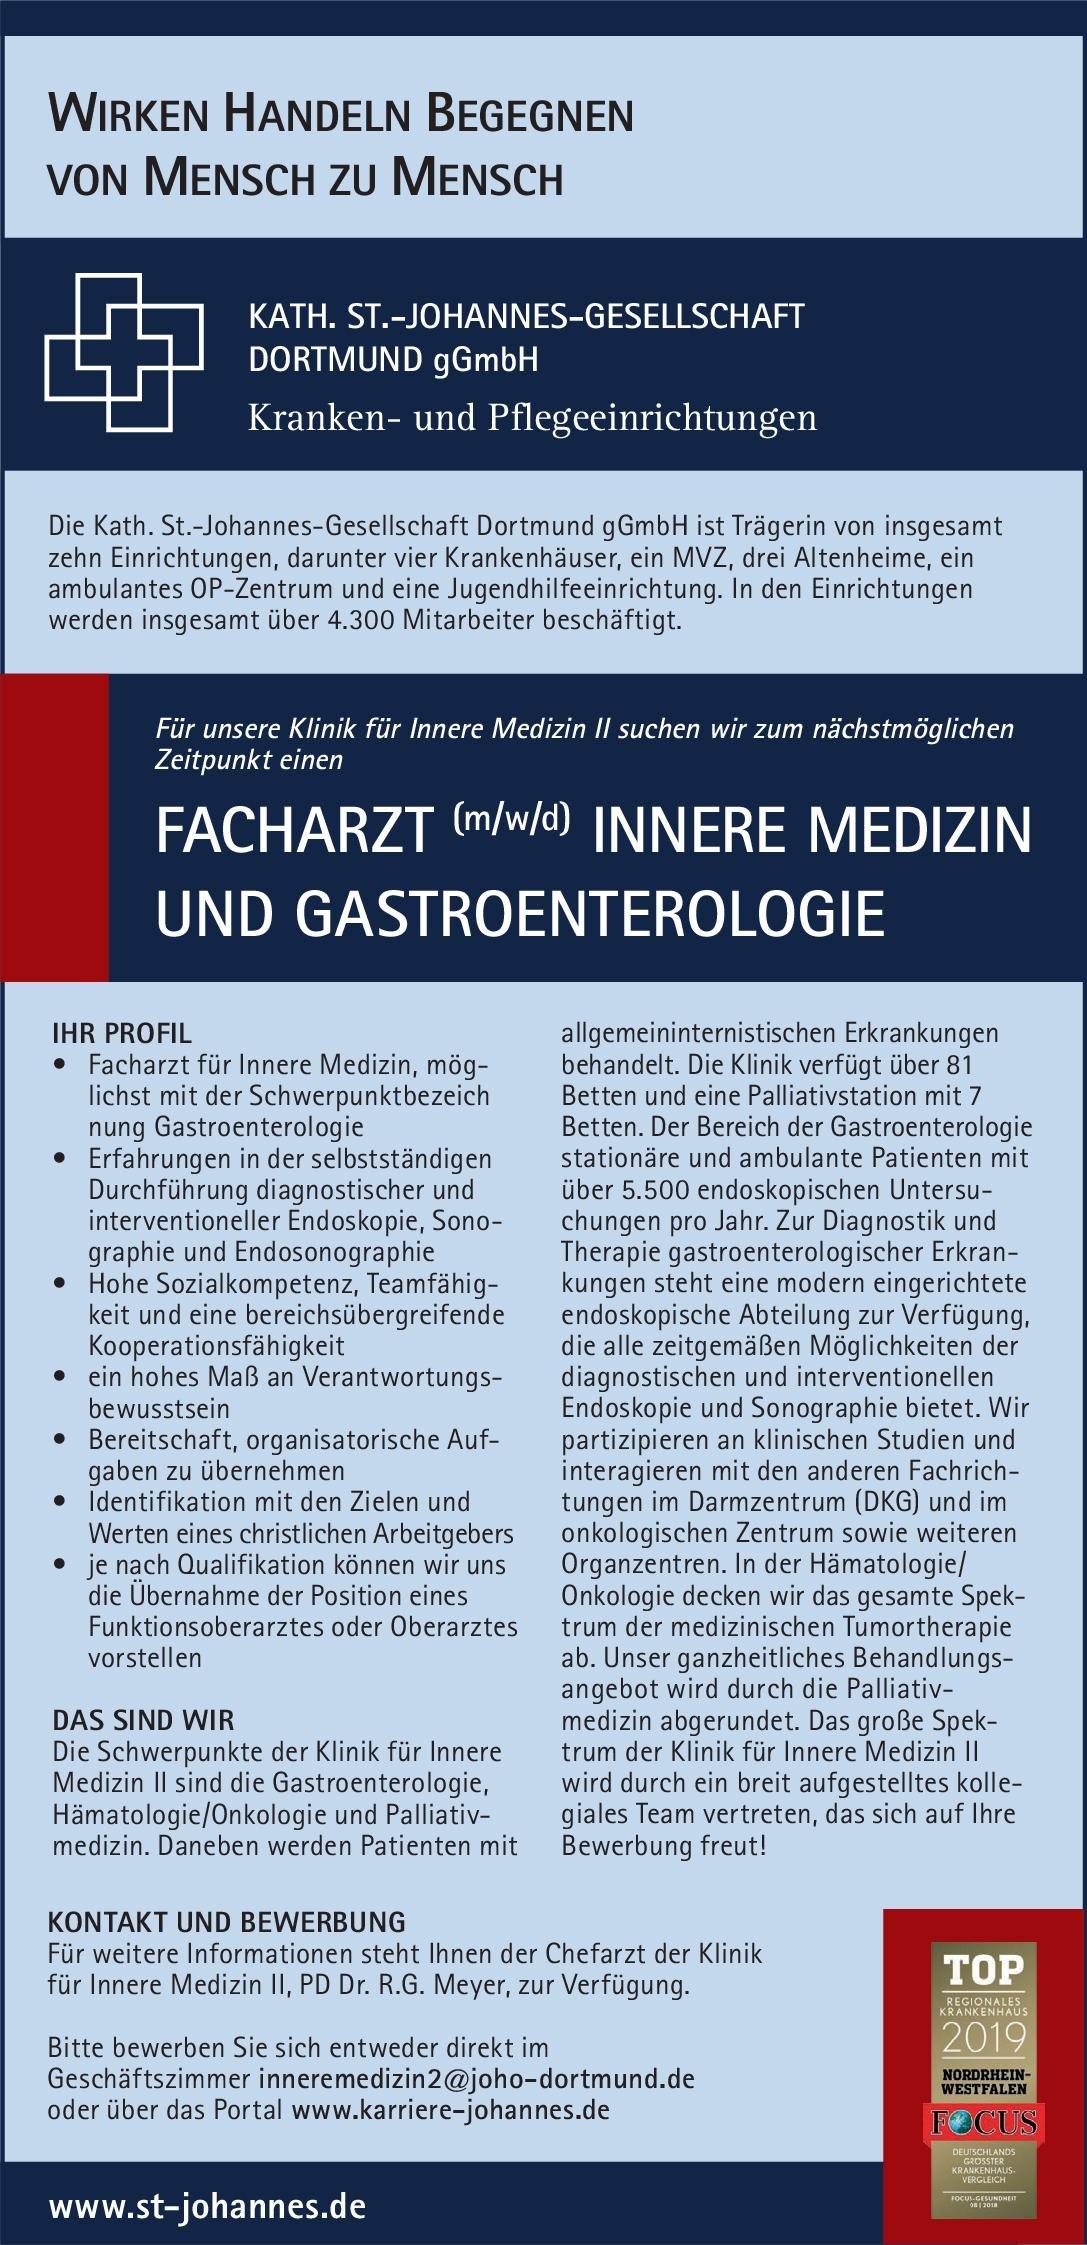 Kath. St.-Johannes-Gesellschaft Dortmund gGmbH Facharzt (m/w/d) Innere Medizin und Gastroenterologie  Innere Medizin und Gastroenterologie, Innere Medizin Arzt / Facharzt